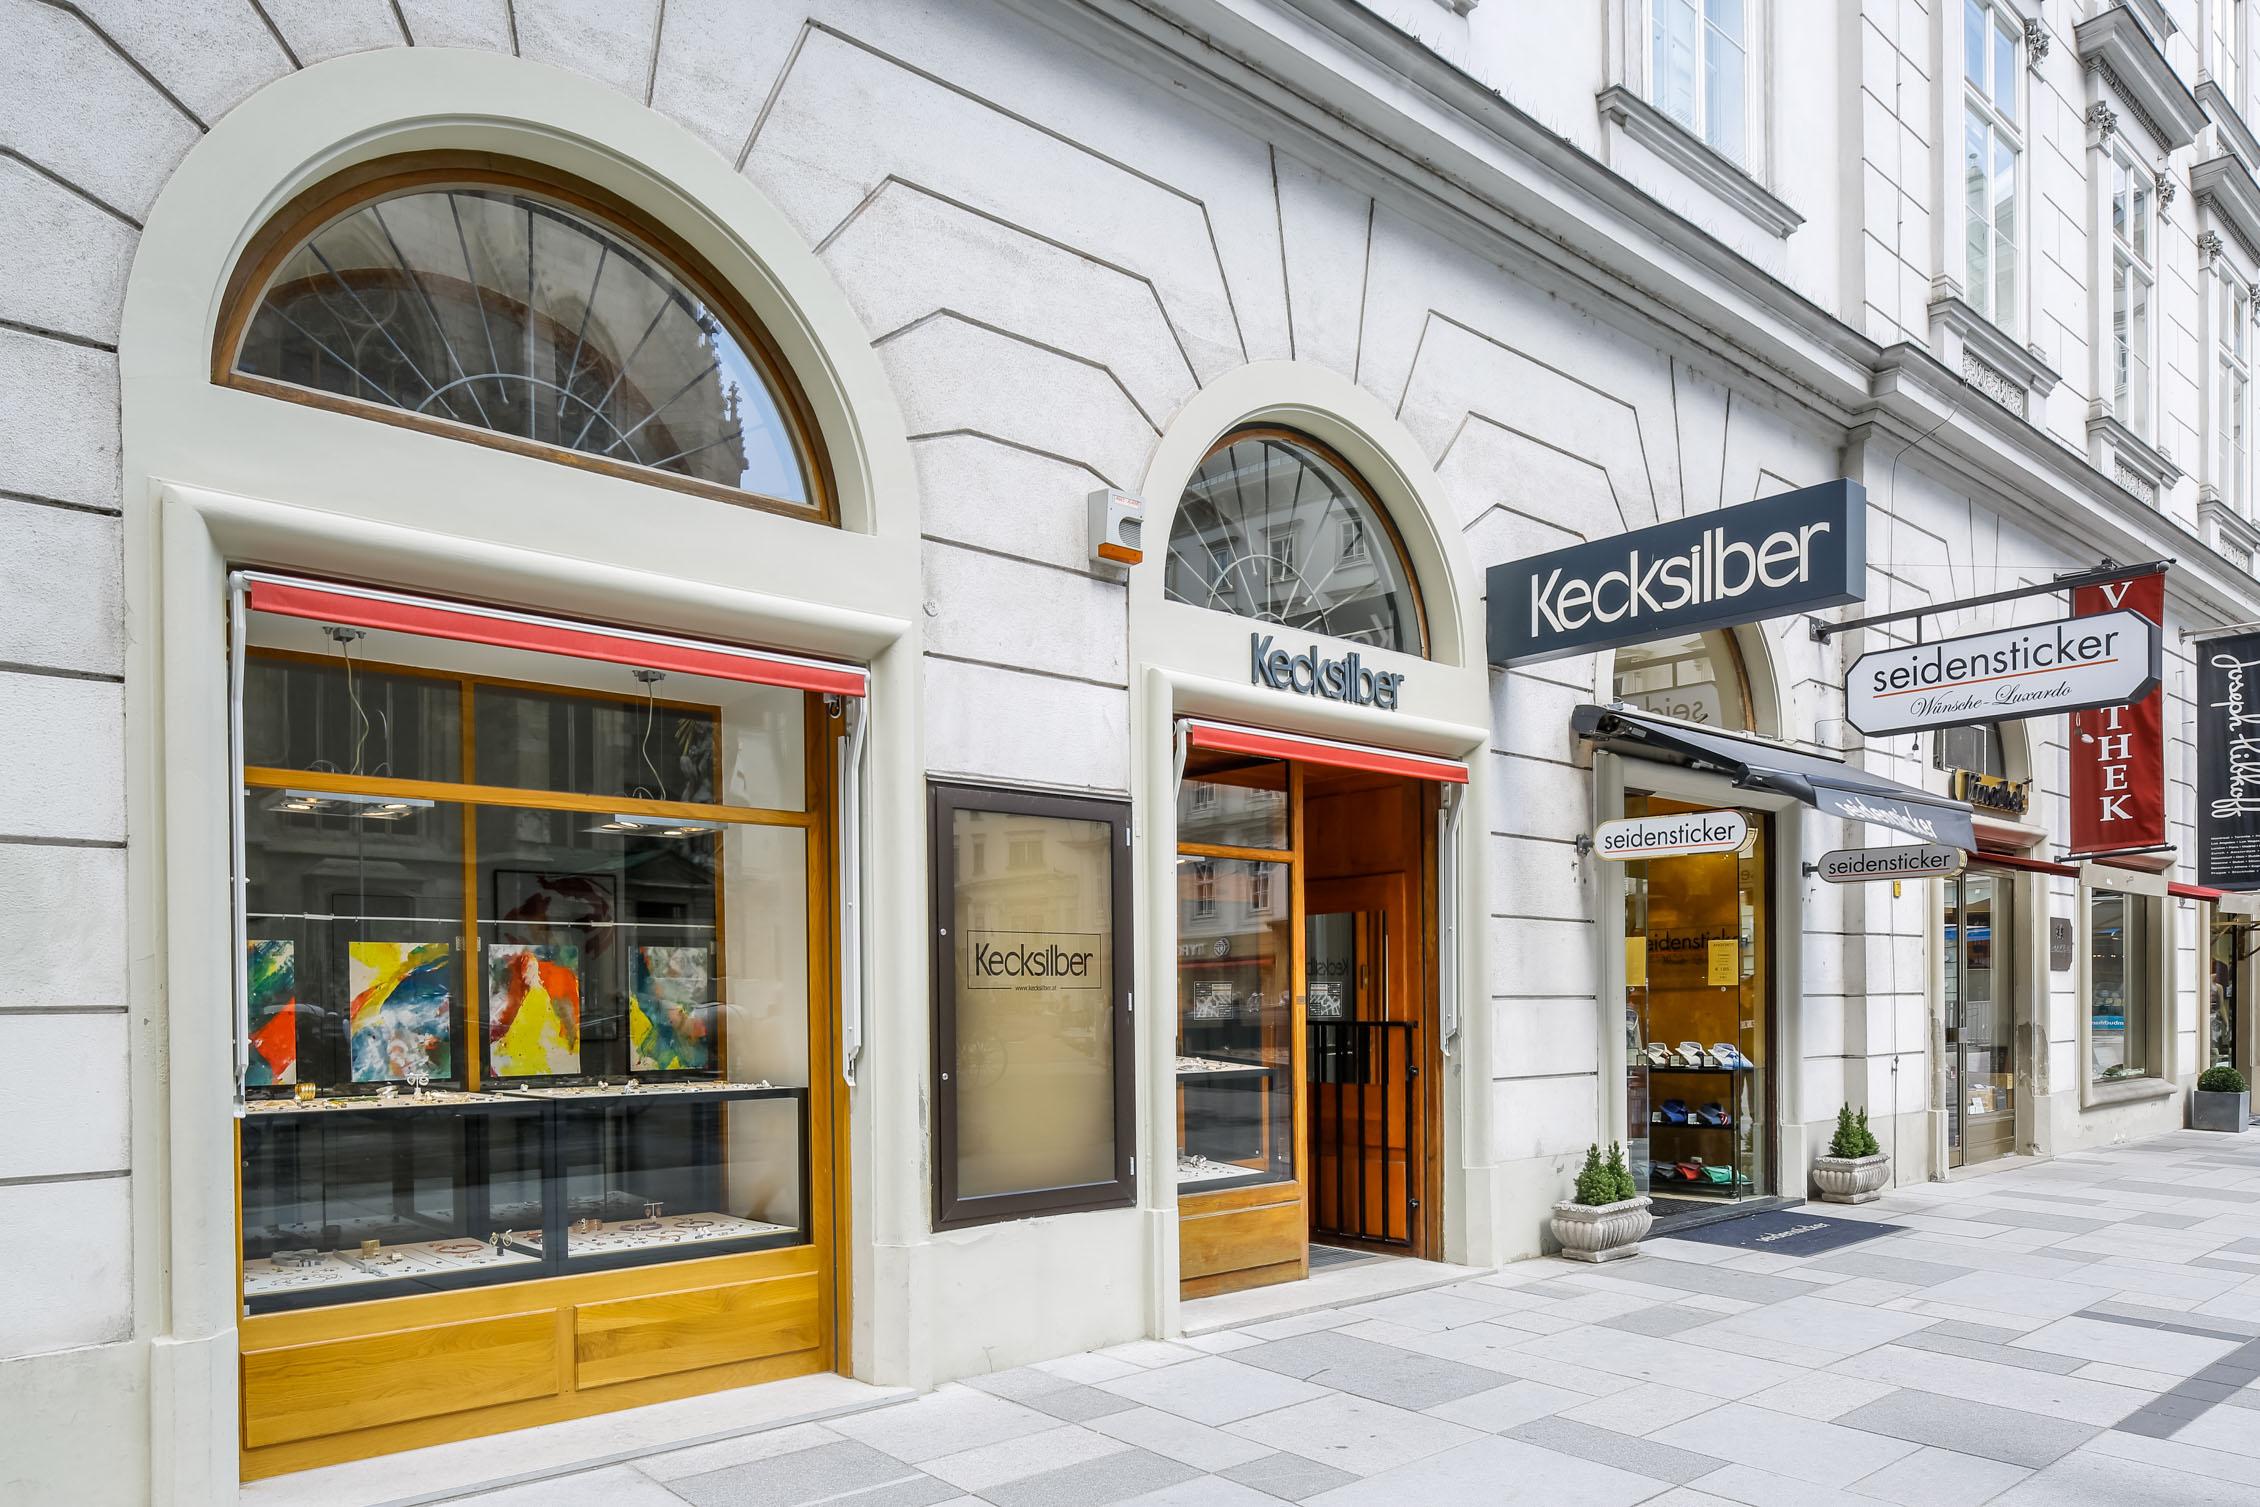 Kecksilber am Stephansplatz